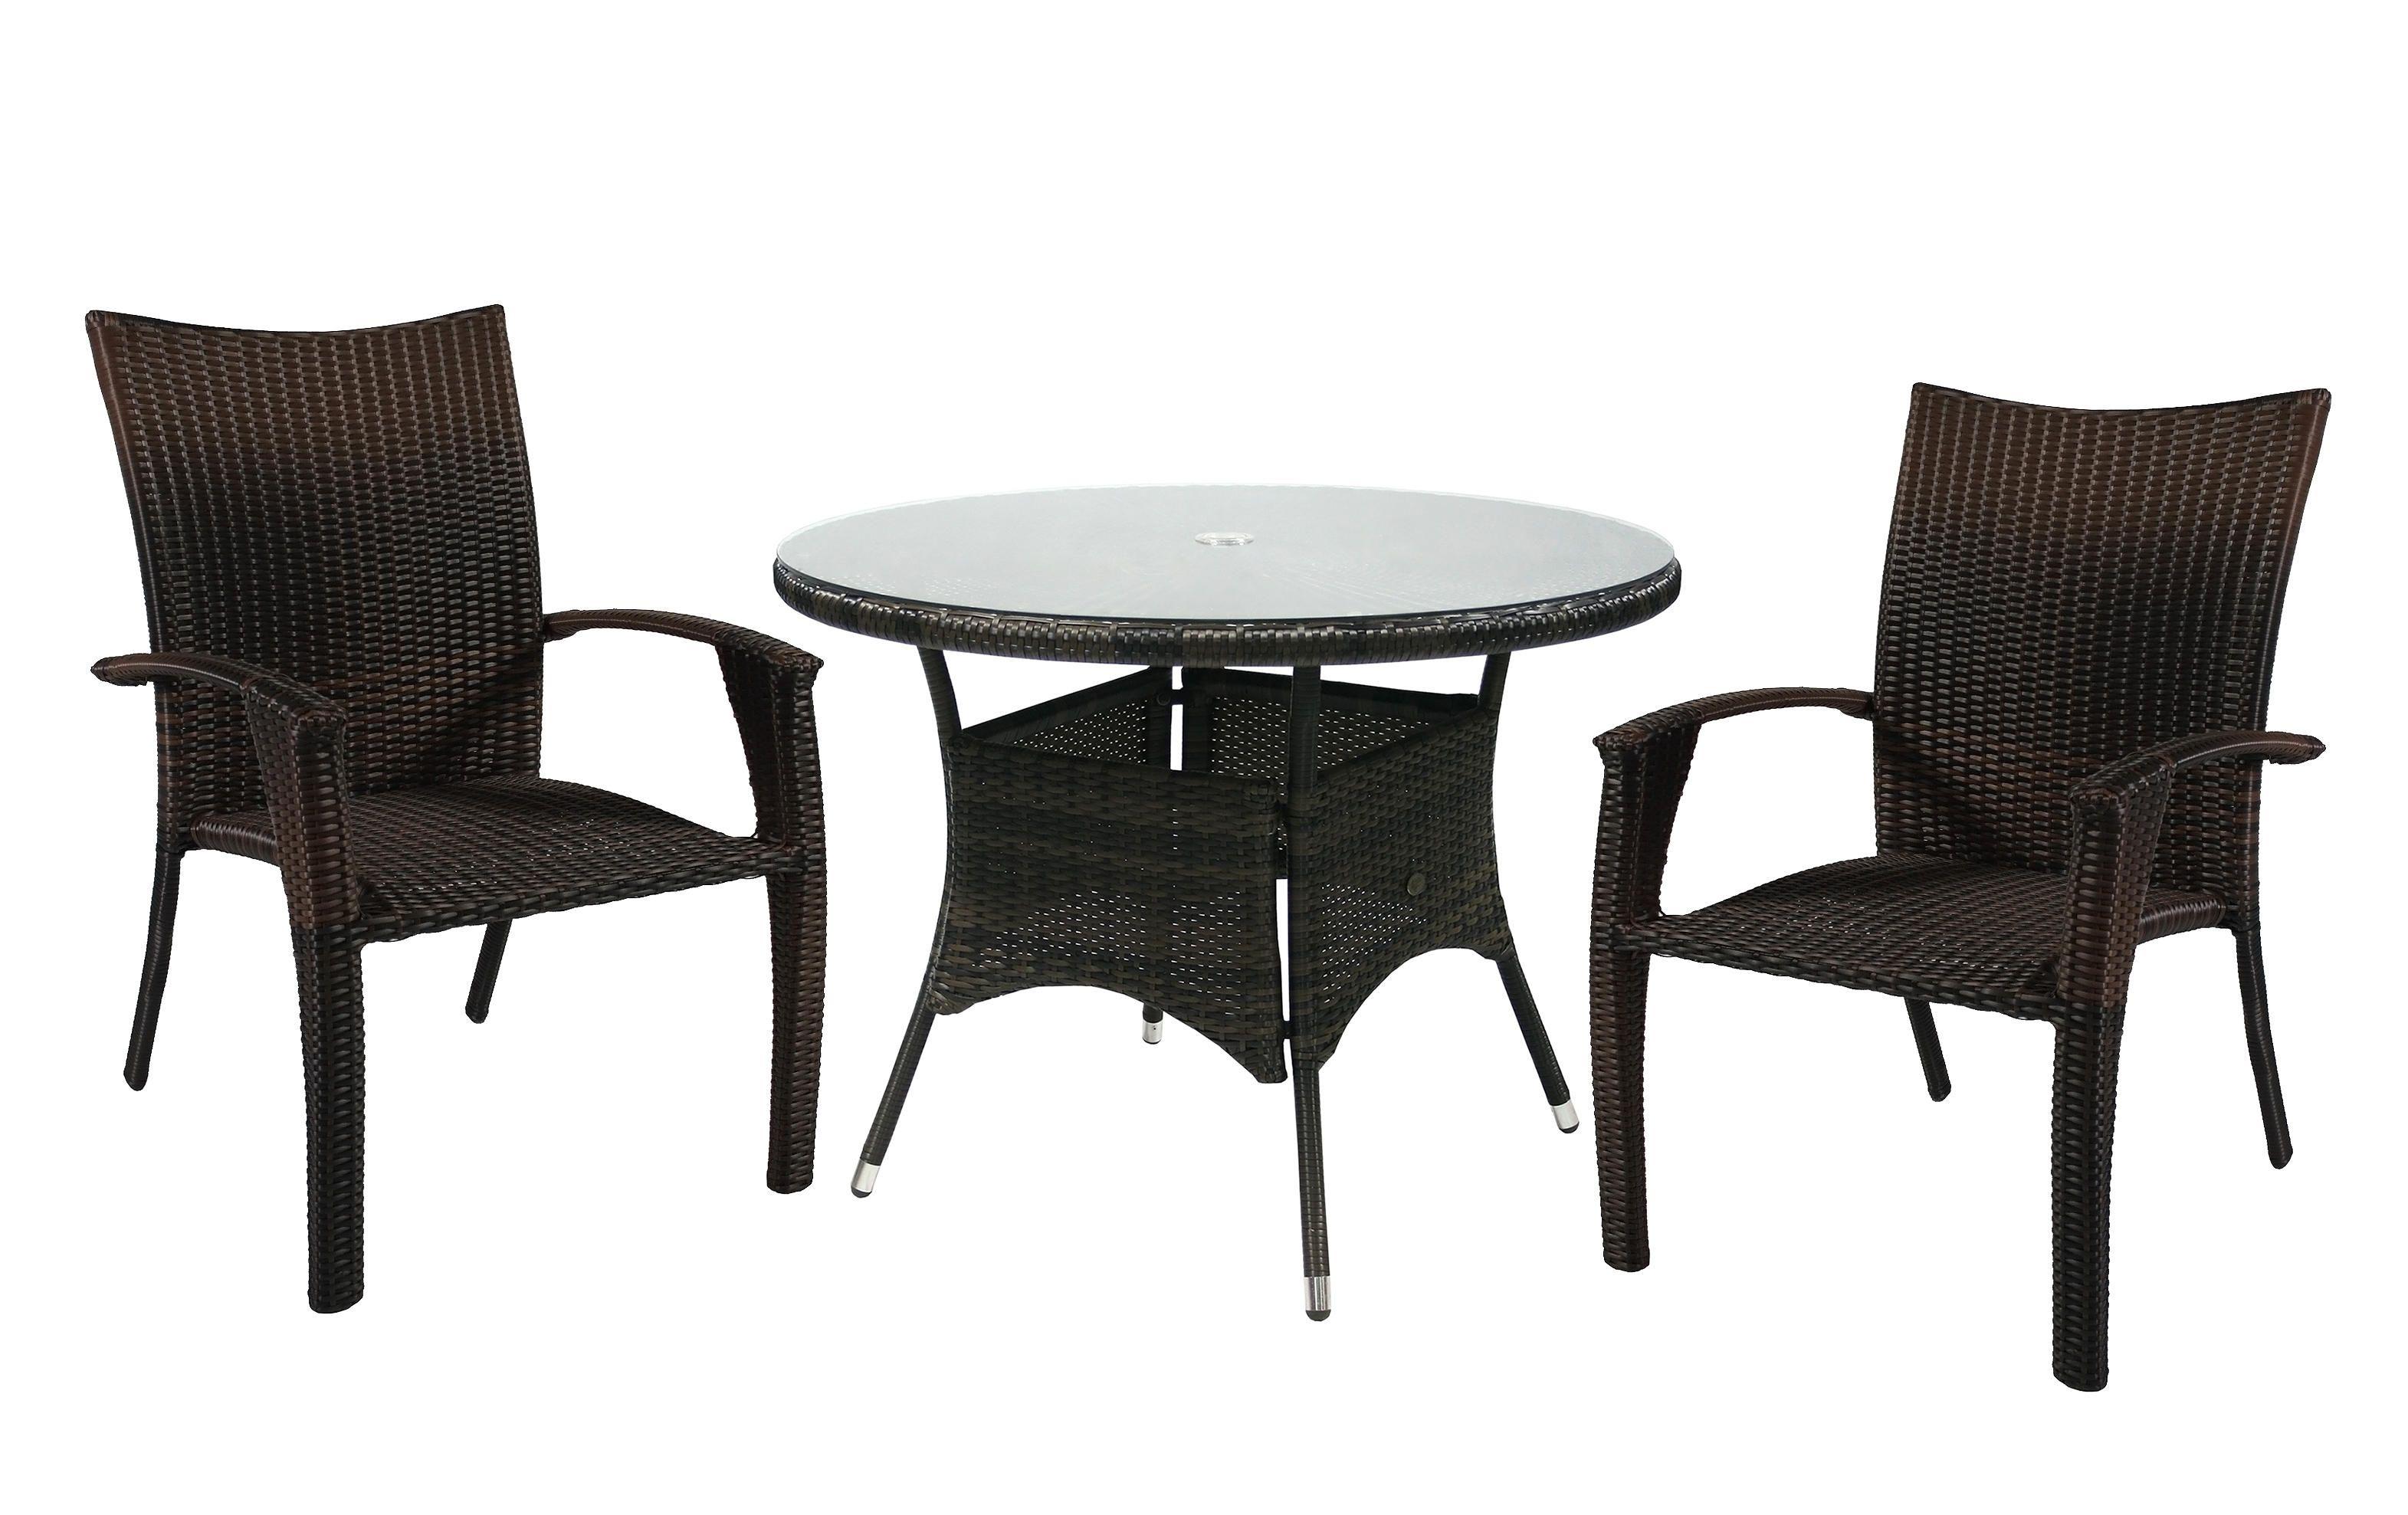 Купить Комплект мебели WICKER Garden4you 13323, 12698 темно-коричневый